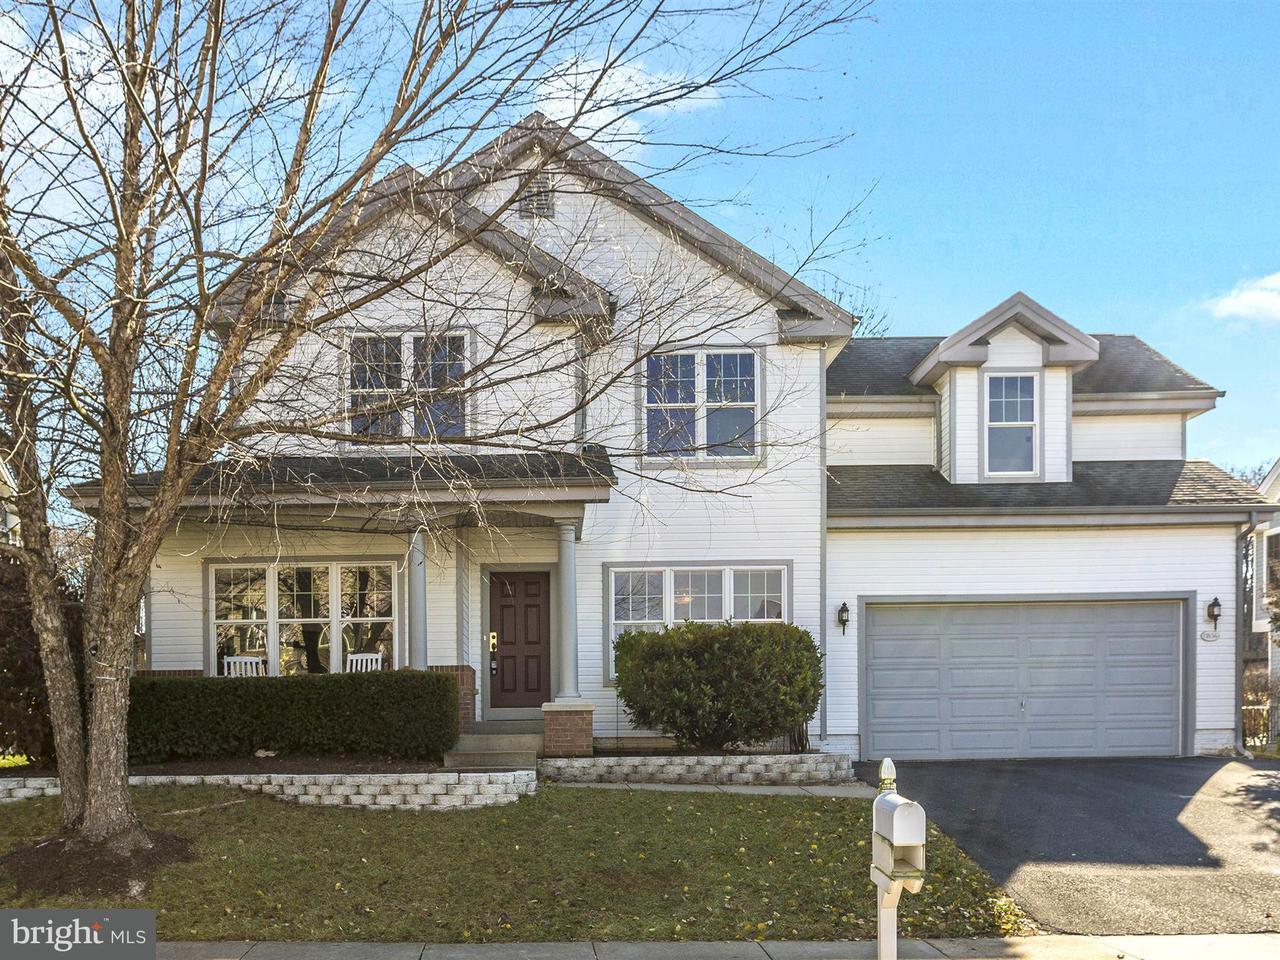 Casa Unifamiliar por un Venta en 11836 VINEYARD PATH 11836 VINEYARD PATH New Market, Maryland 21774 Estados Unidos